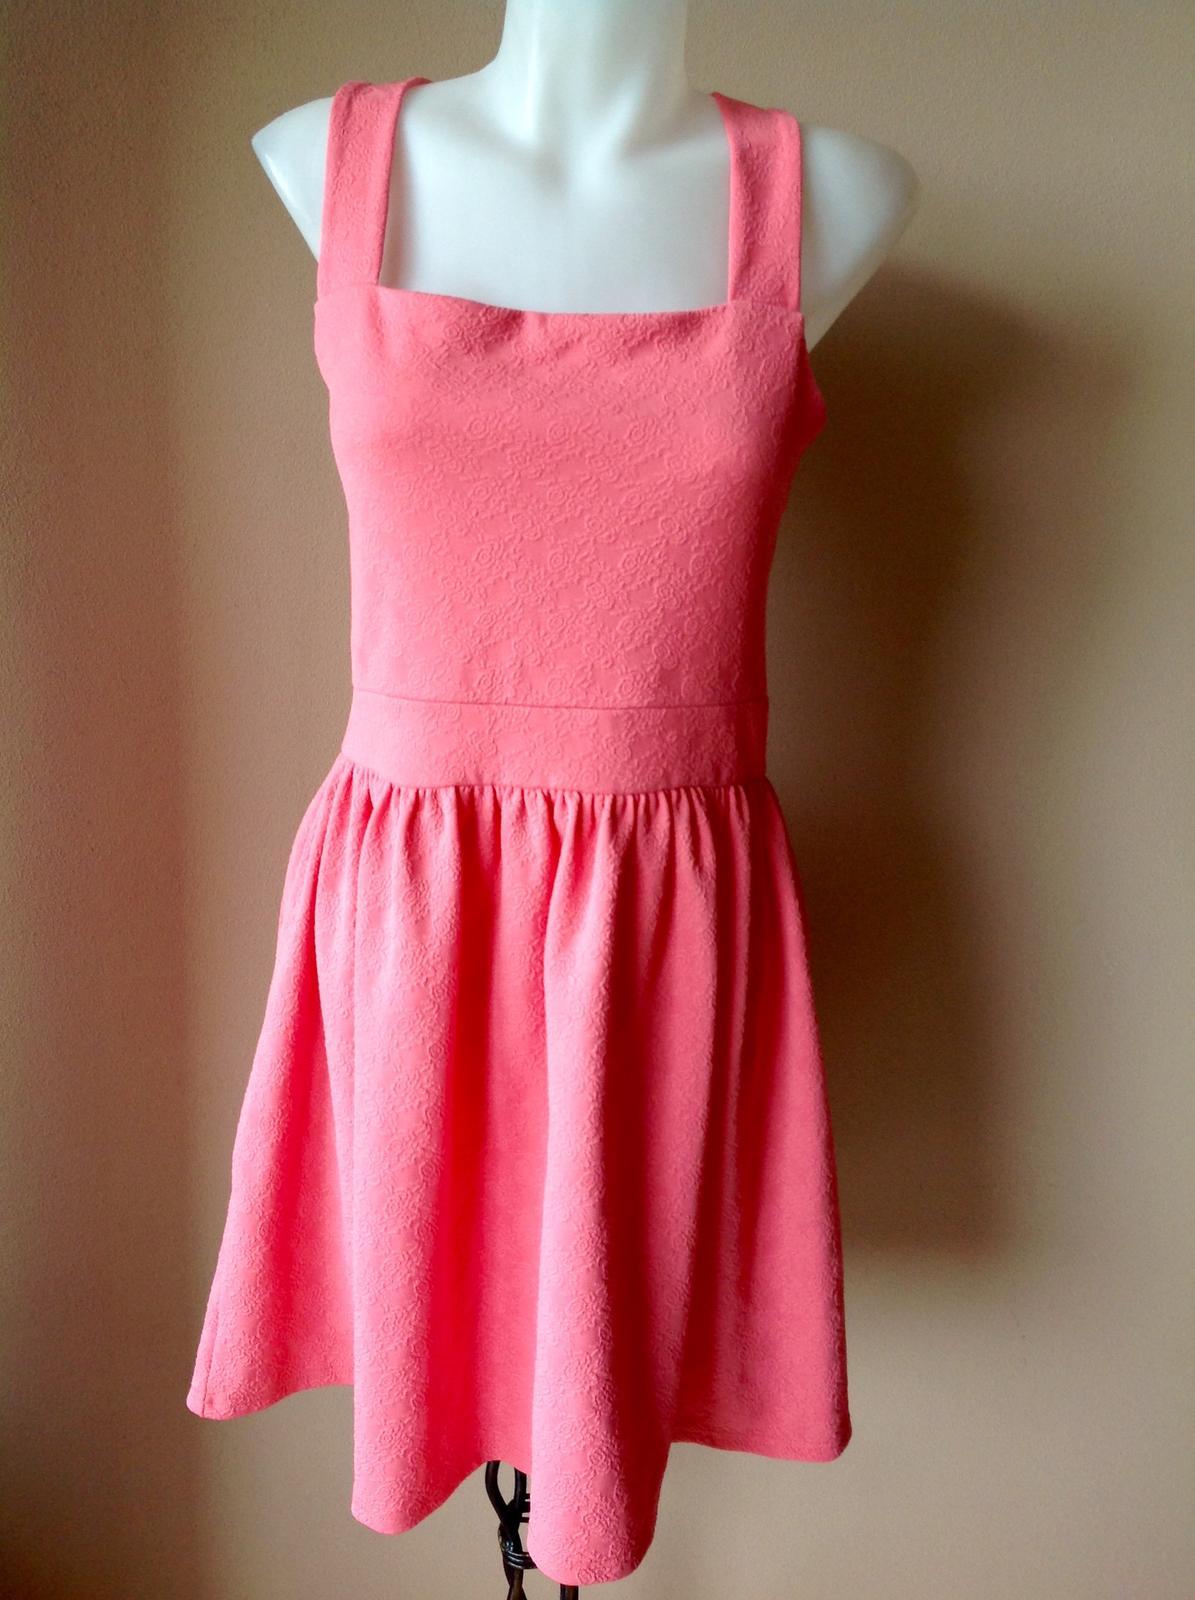 Šaty moss selfridge - Obrázok č. 1